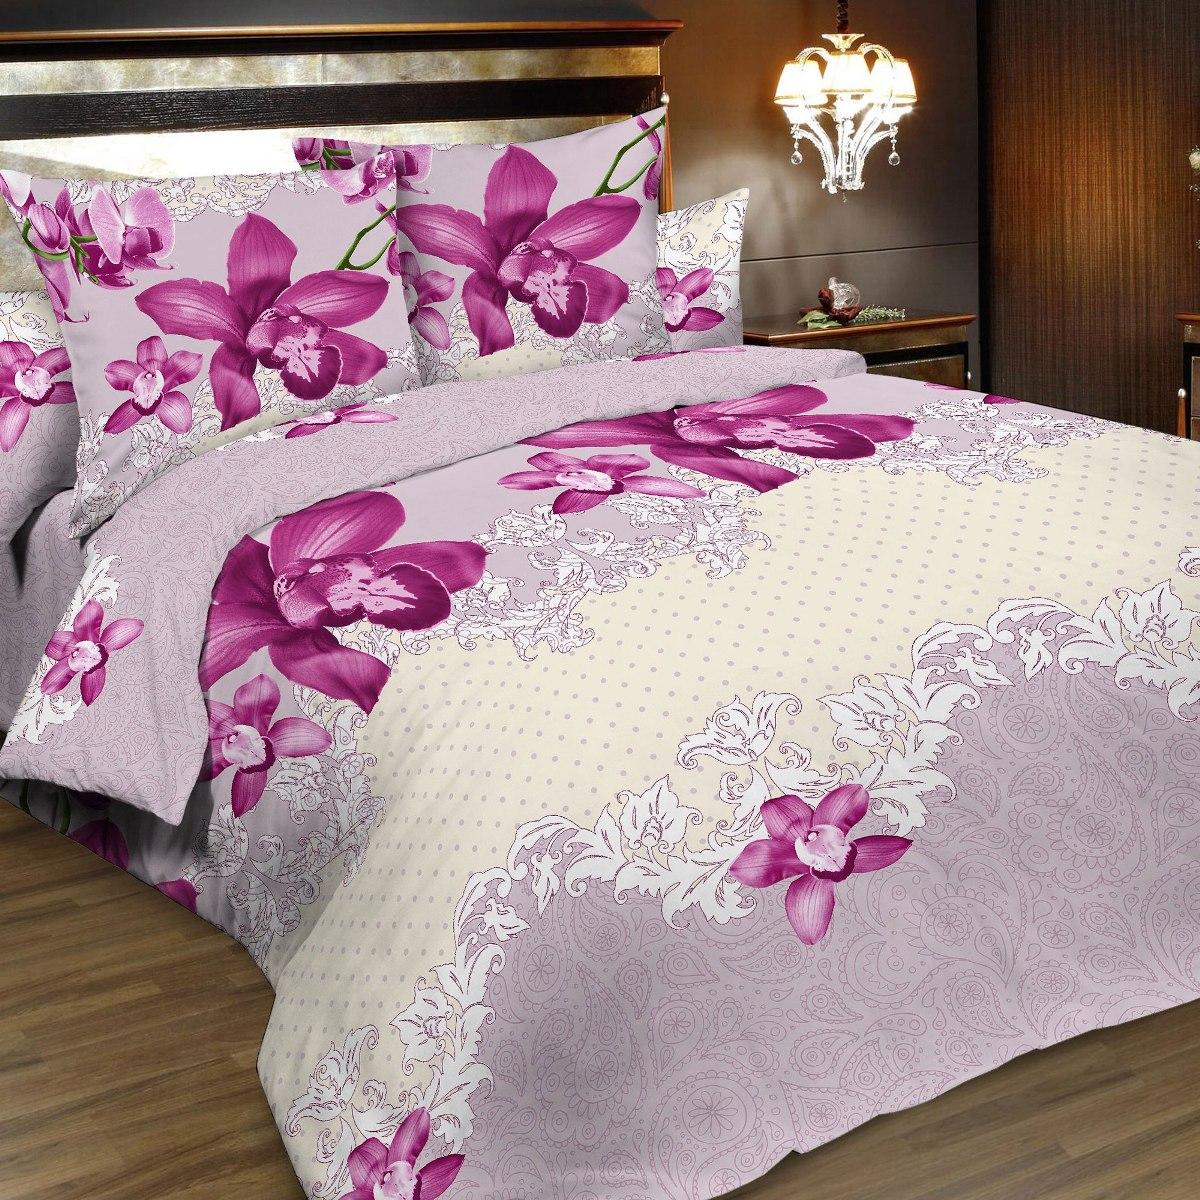 Комплект белья Letto, 2-спальный, наволочки 70х70, цвет: розовый. B168-4B168-4Серия Letto «Традиция» выполнена из классической российской бязи, привычной для большинства российских покупательниц. Ткань плотная (125гр/м), используются современные устойчивые красители. Традиционная российская бязь выгодно отличается от импортных аналогов по цене, при том, что сама ткань и толще, меньше сминается и служит намного дольше. Рекомендуется перед первым использованием постирать, но не пересушивать. Применение кондиционера при стирке сделает такое постельное белье мягче и комфортней. Пододеяльник на молнии. Обращаем внимание, что расцветка наволочек может отличаться от представленной на фото.Советы по выбору постельного белья от блогера Ирины Соковых. Статья OZON Гид